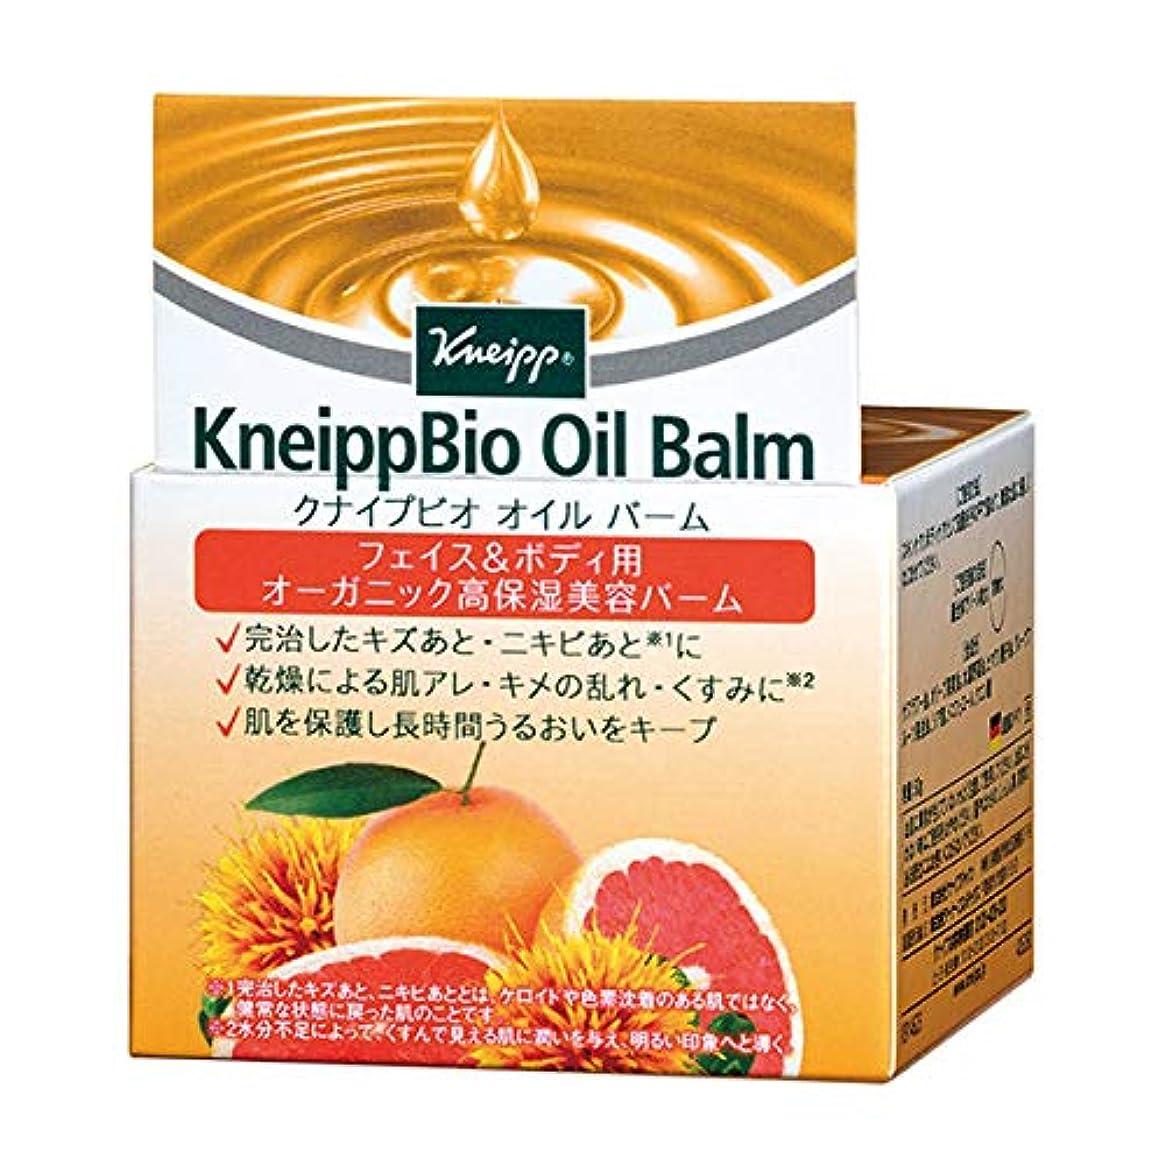 パイプライン圧力順応性のあるクナイプ(Kneipp) クナイプビオ オイル バーム 50g 美容液